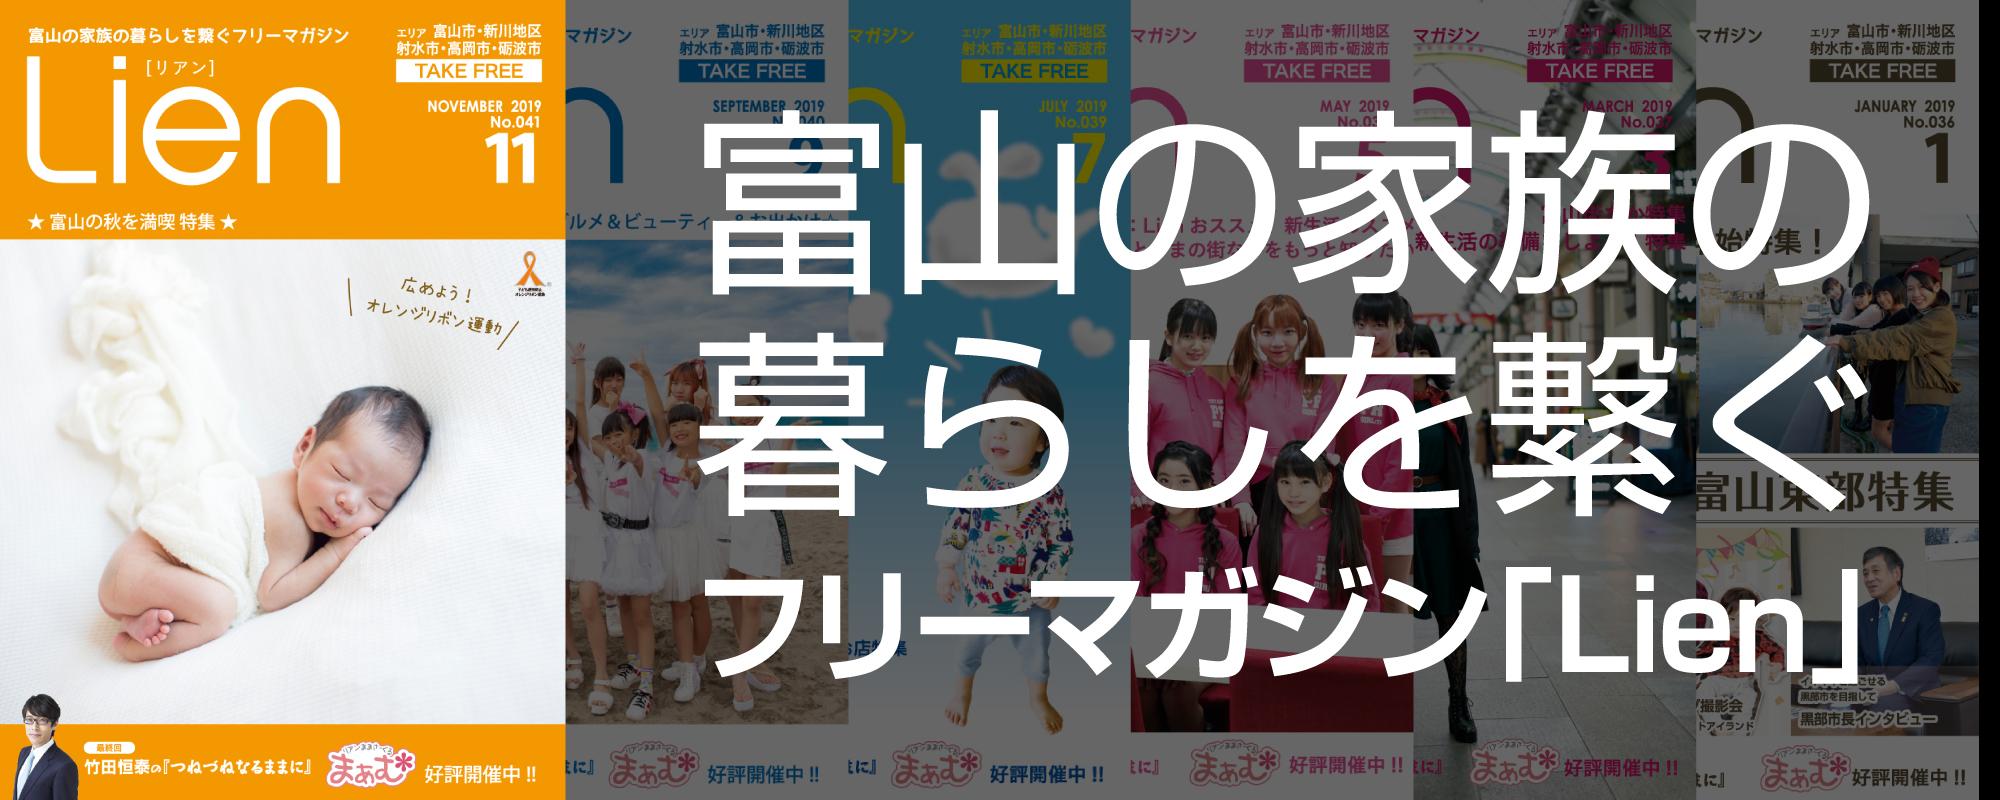 富山の家族の暮らしを繋ぐフリーマガジン「Lien」